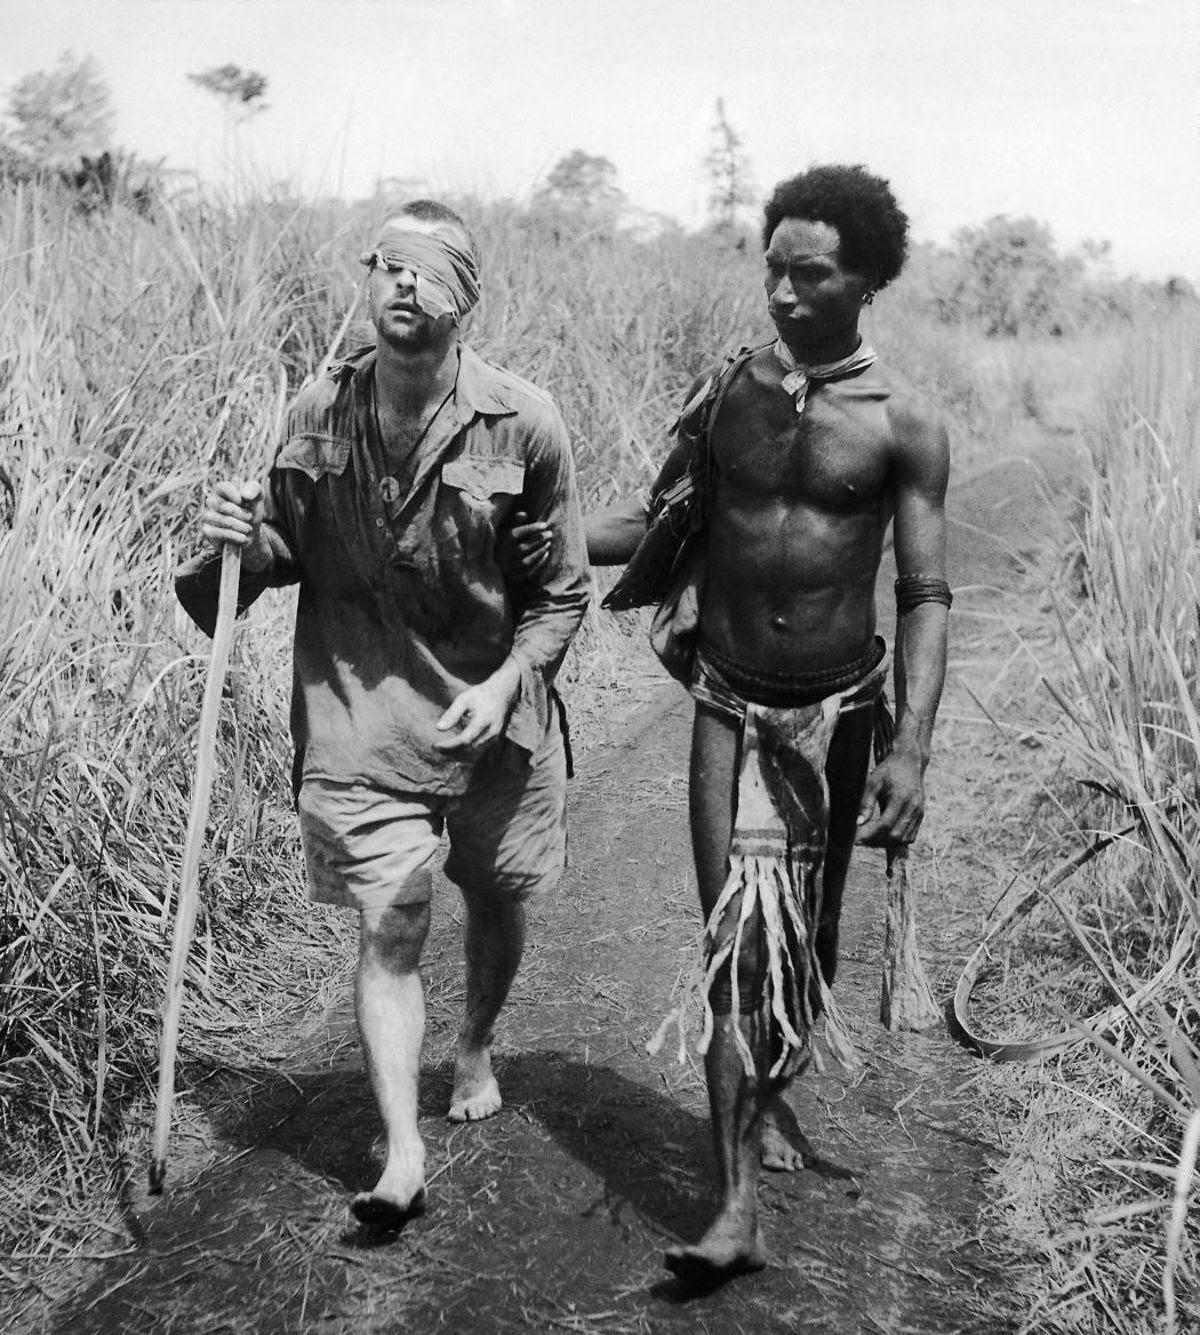 Os povos indígenas de Papua Nova Guiné salvaram centenas de soldados feridos na Segunda Guerra Mundial 01